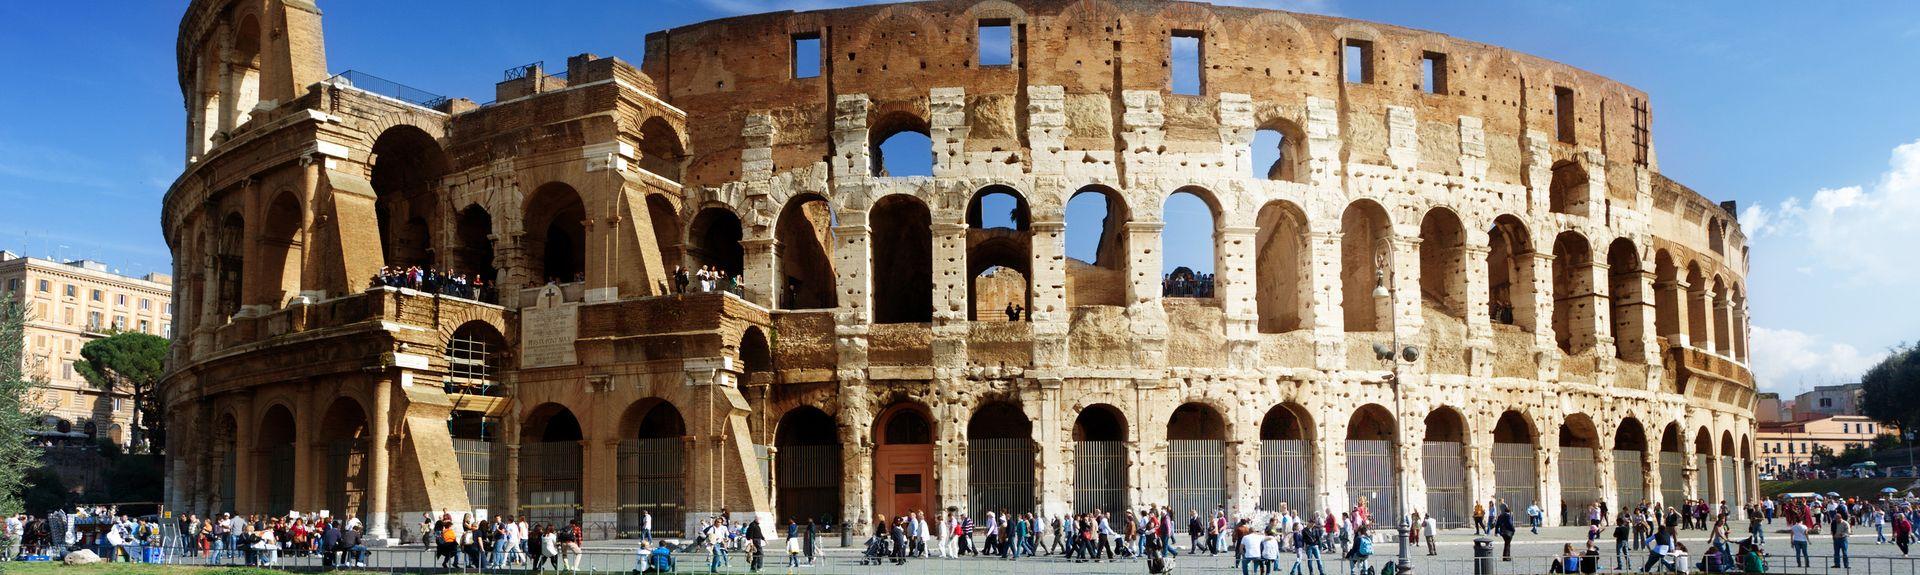 Roma, Roma, Lácio, Itália